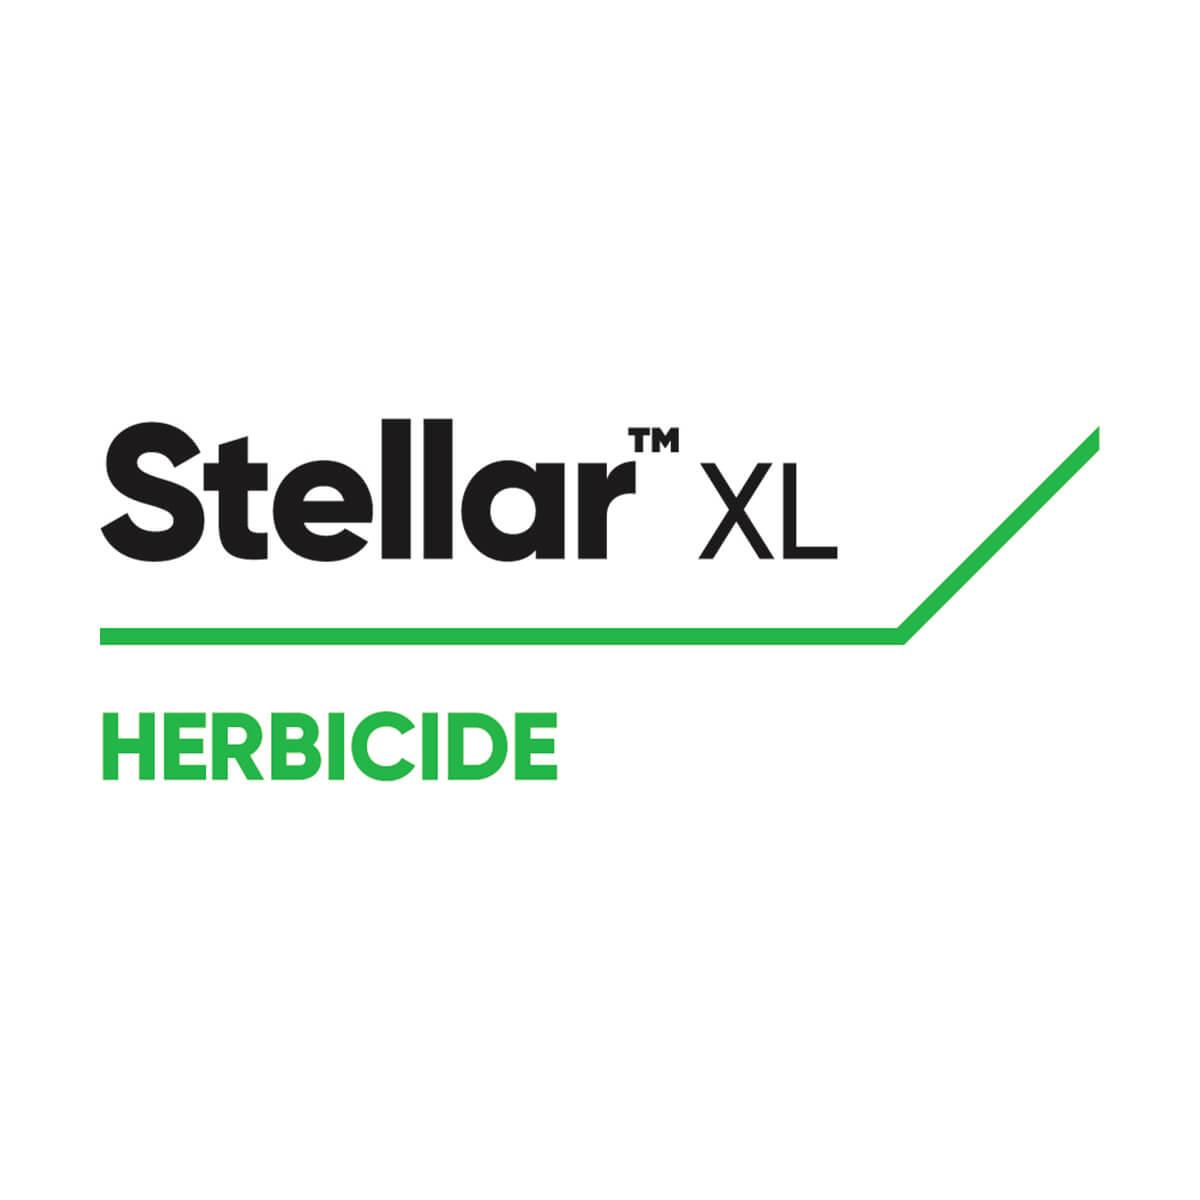 STELLAR XL - 8.1 L Jug